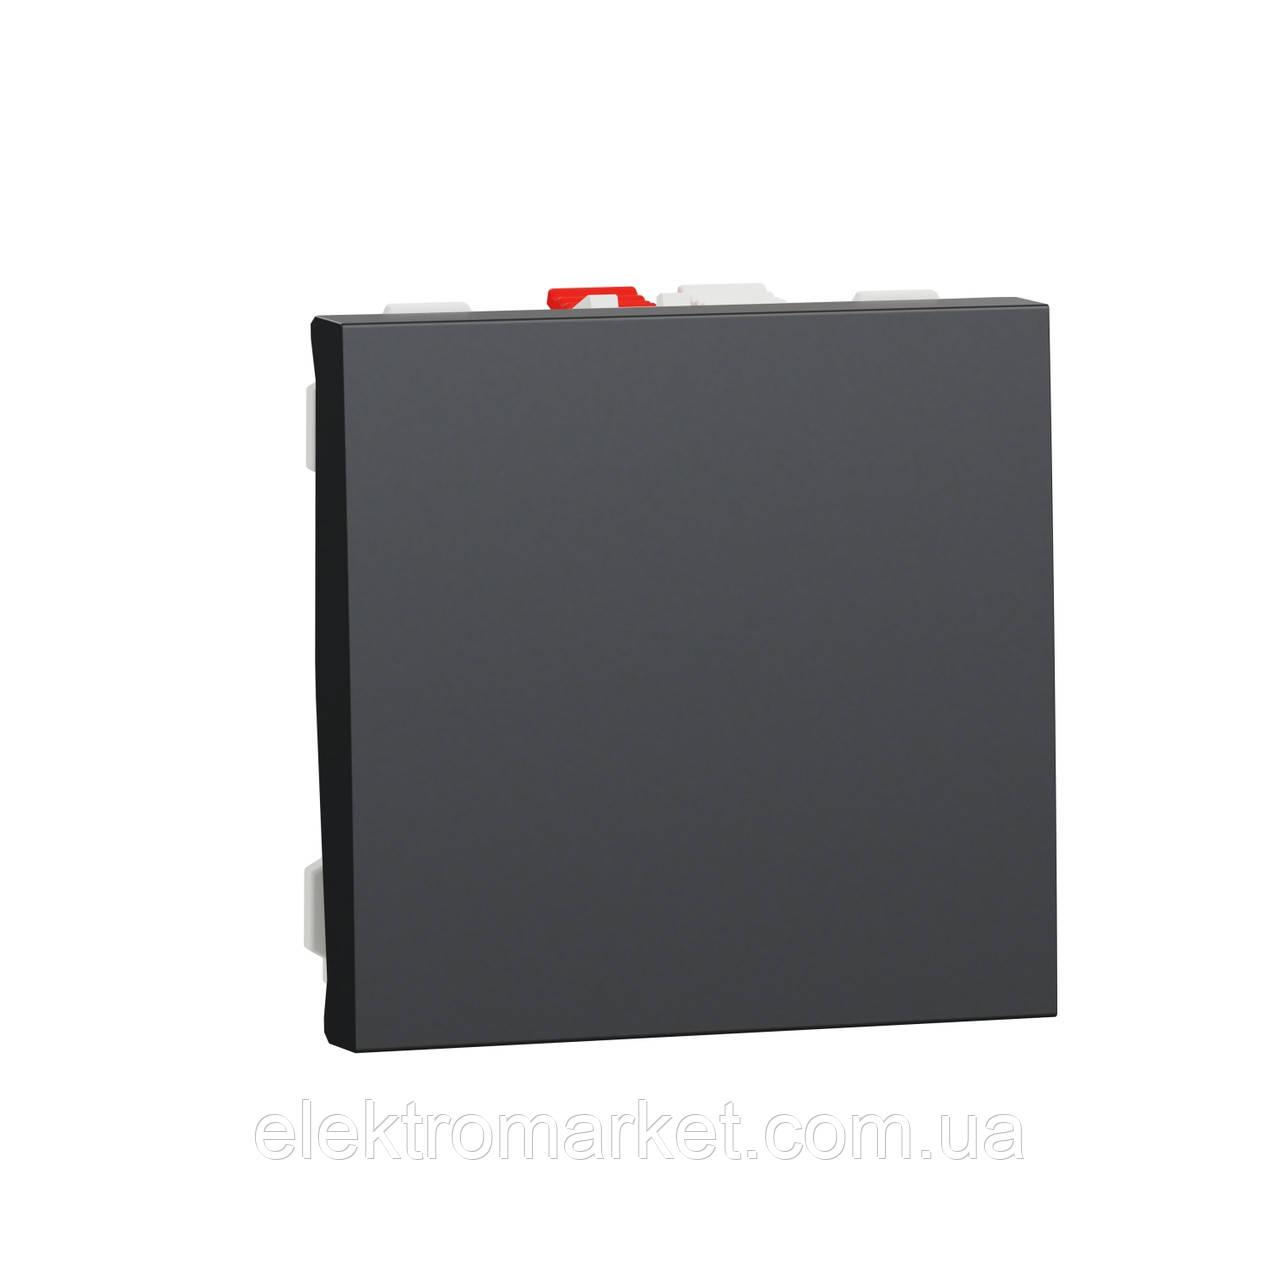 Перемикач 1-клавішний схема 6, 10А, 2 модулі антрацит